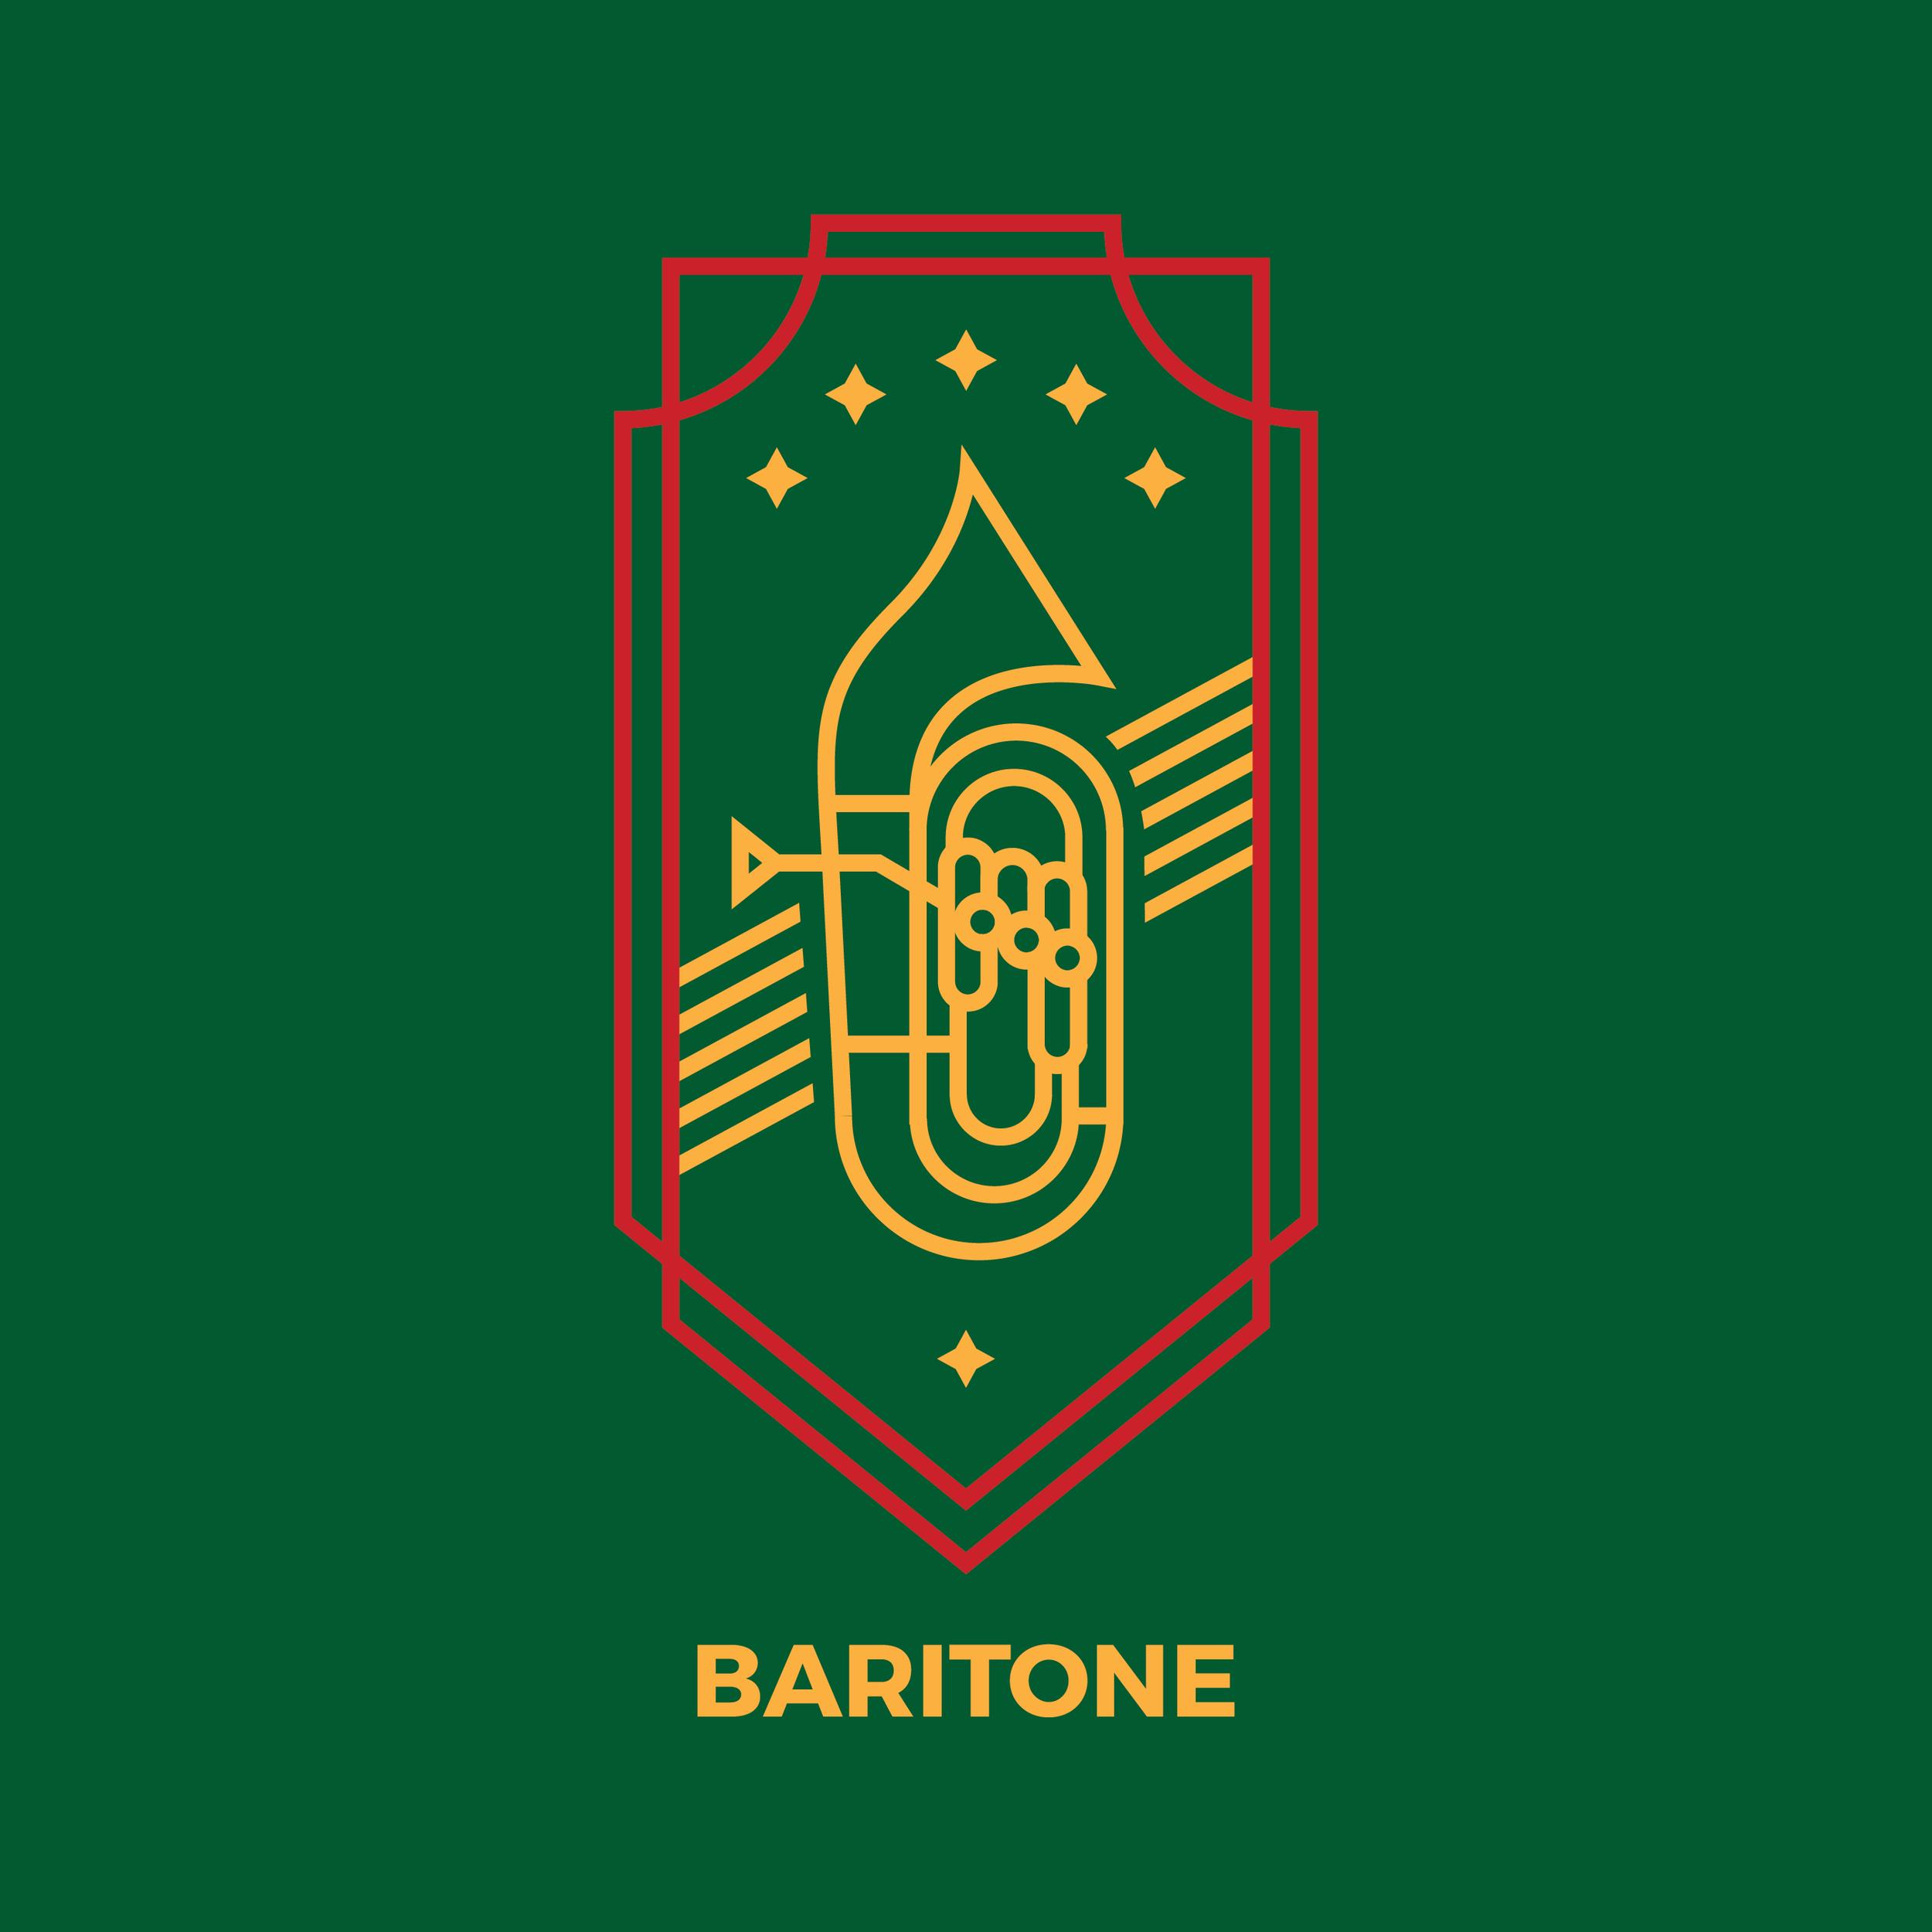 Baritone-01.png